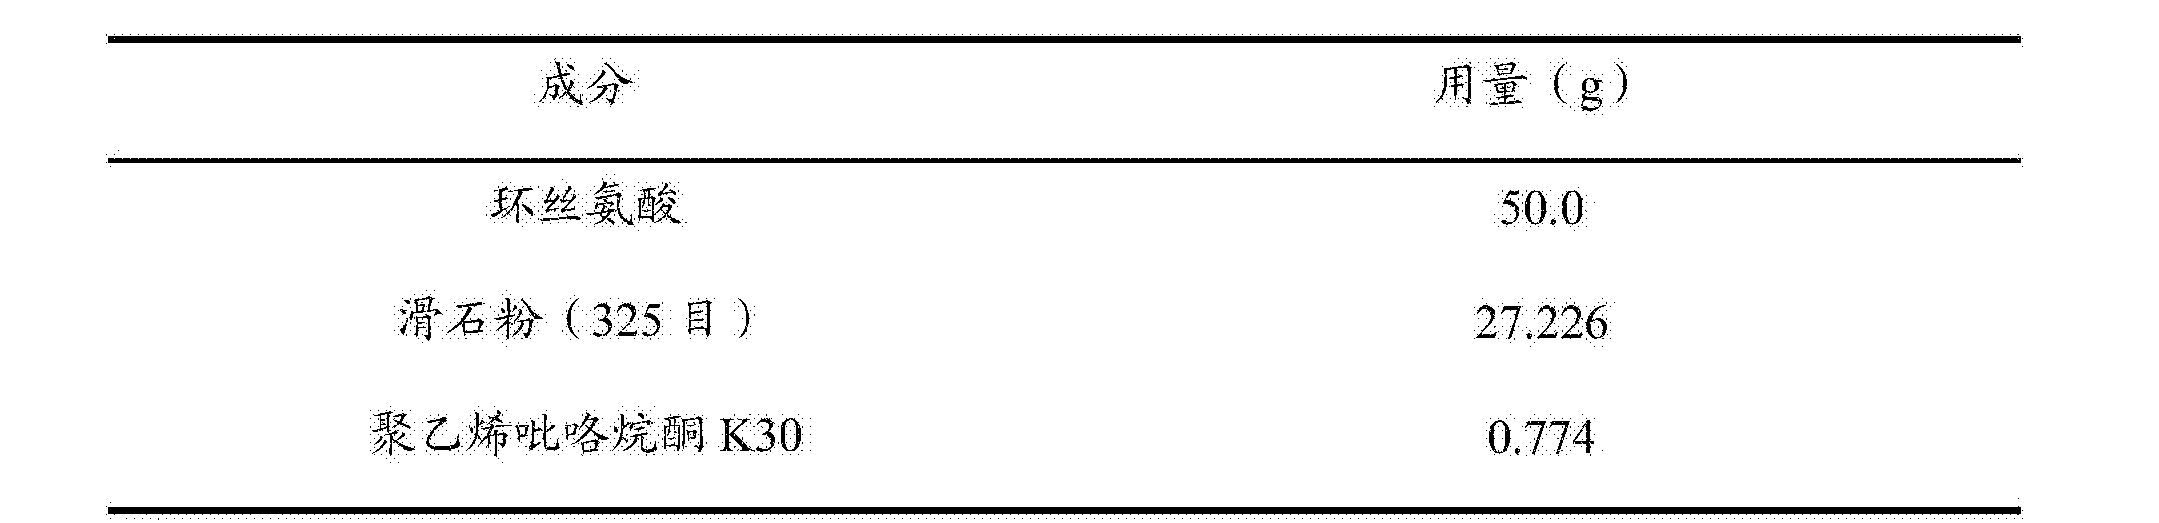 Figure CN105476976BD00252